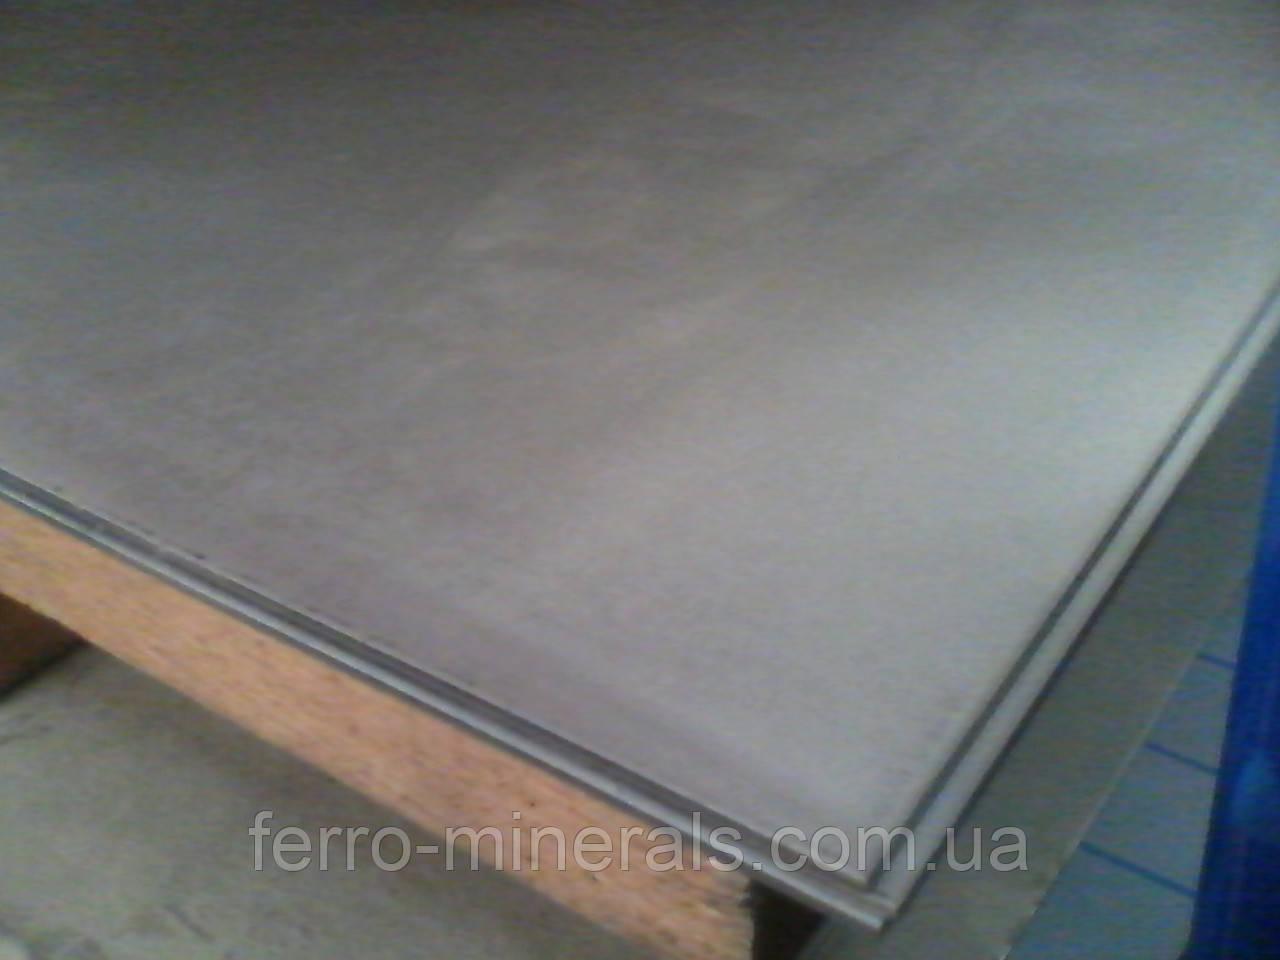 Нержавеющий лист 5,0х2000х6000мм, AISI 321 (08X18H10T), 1D